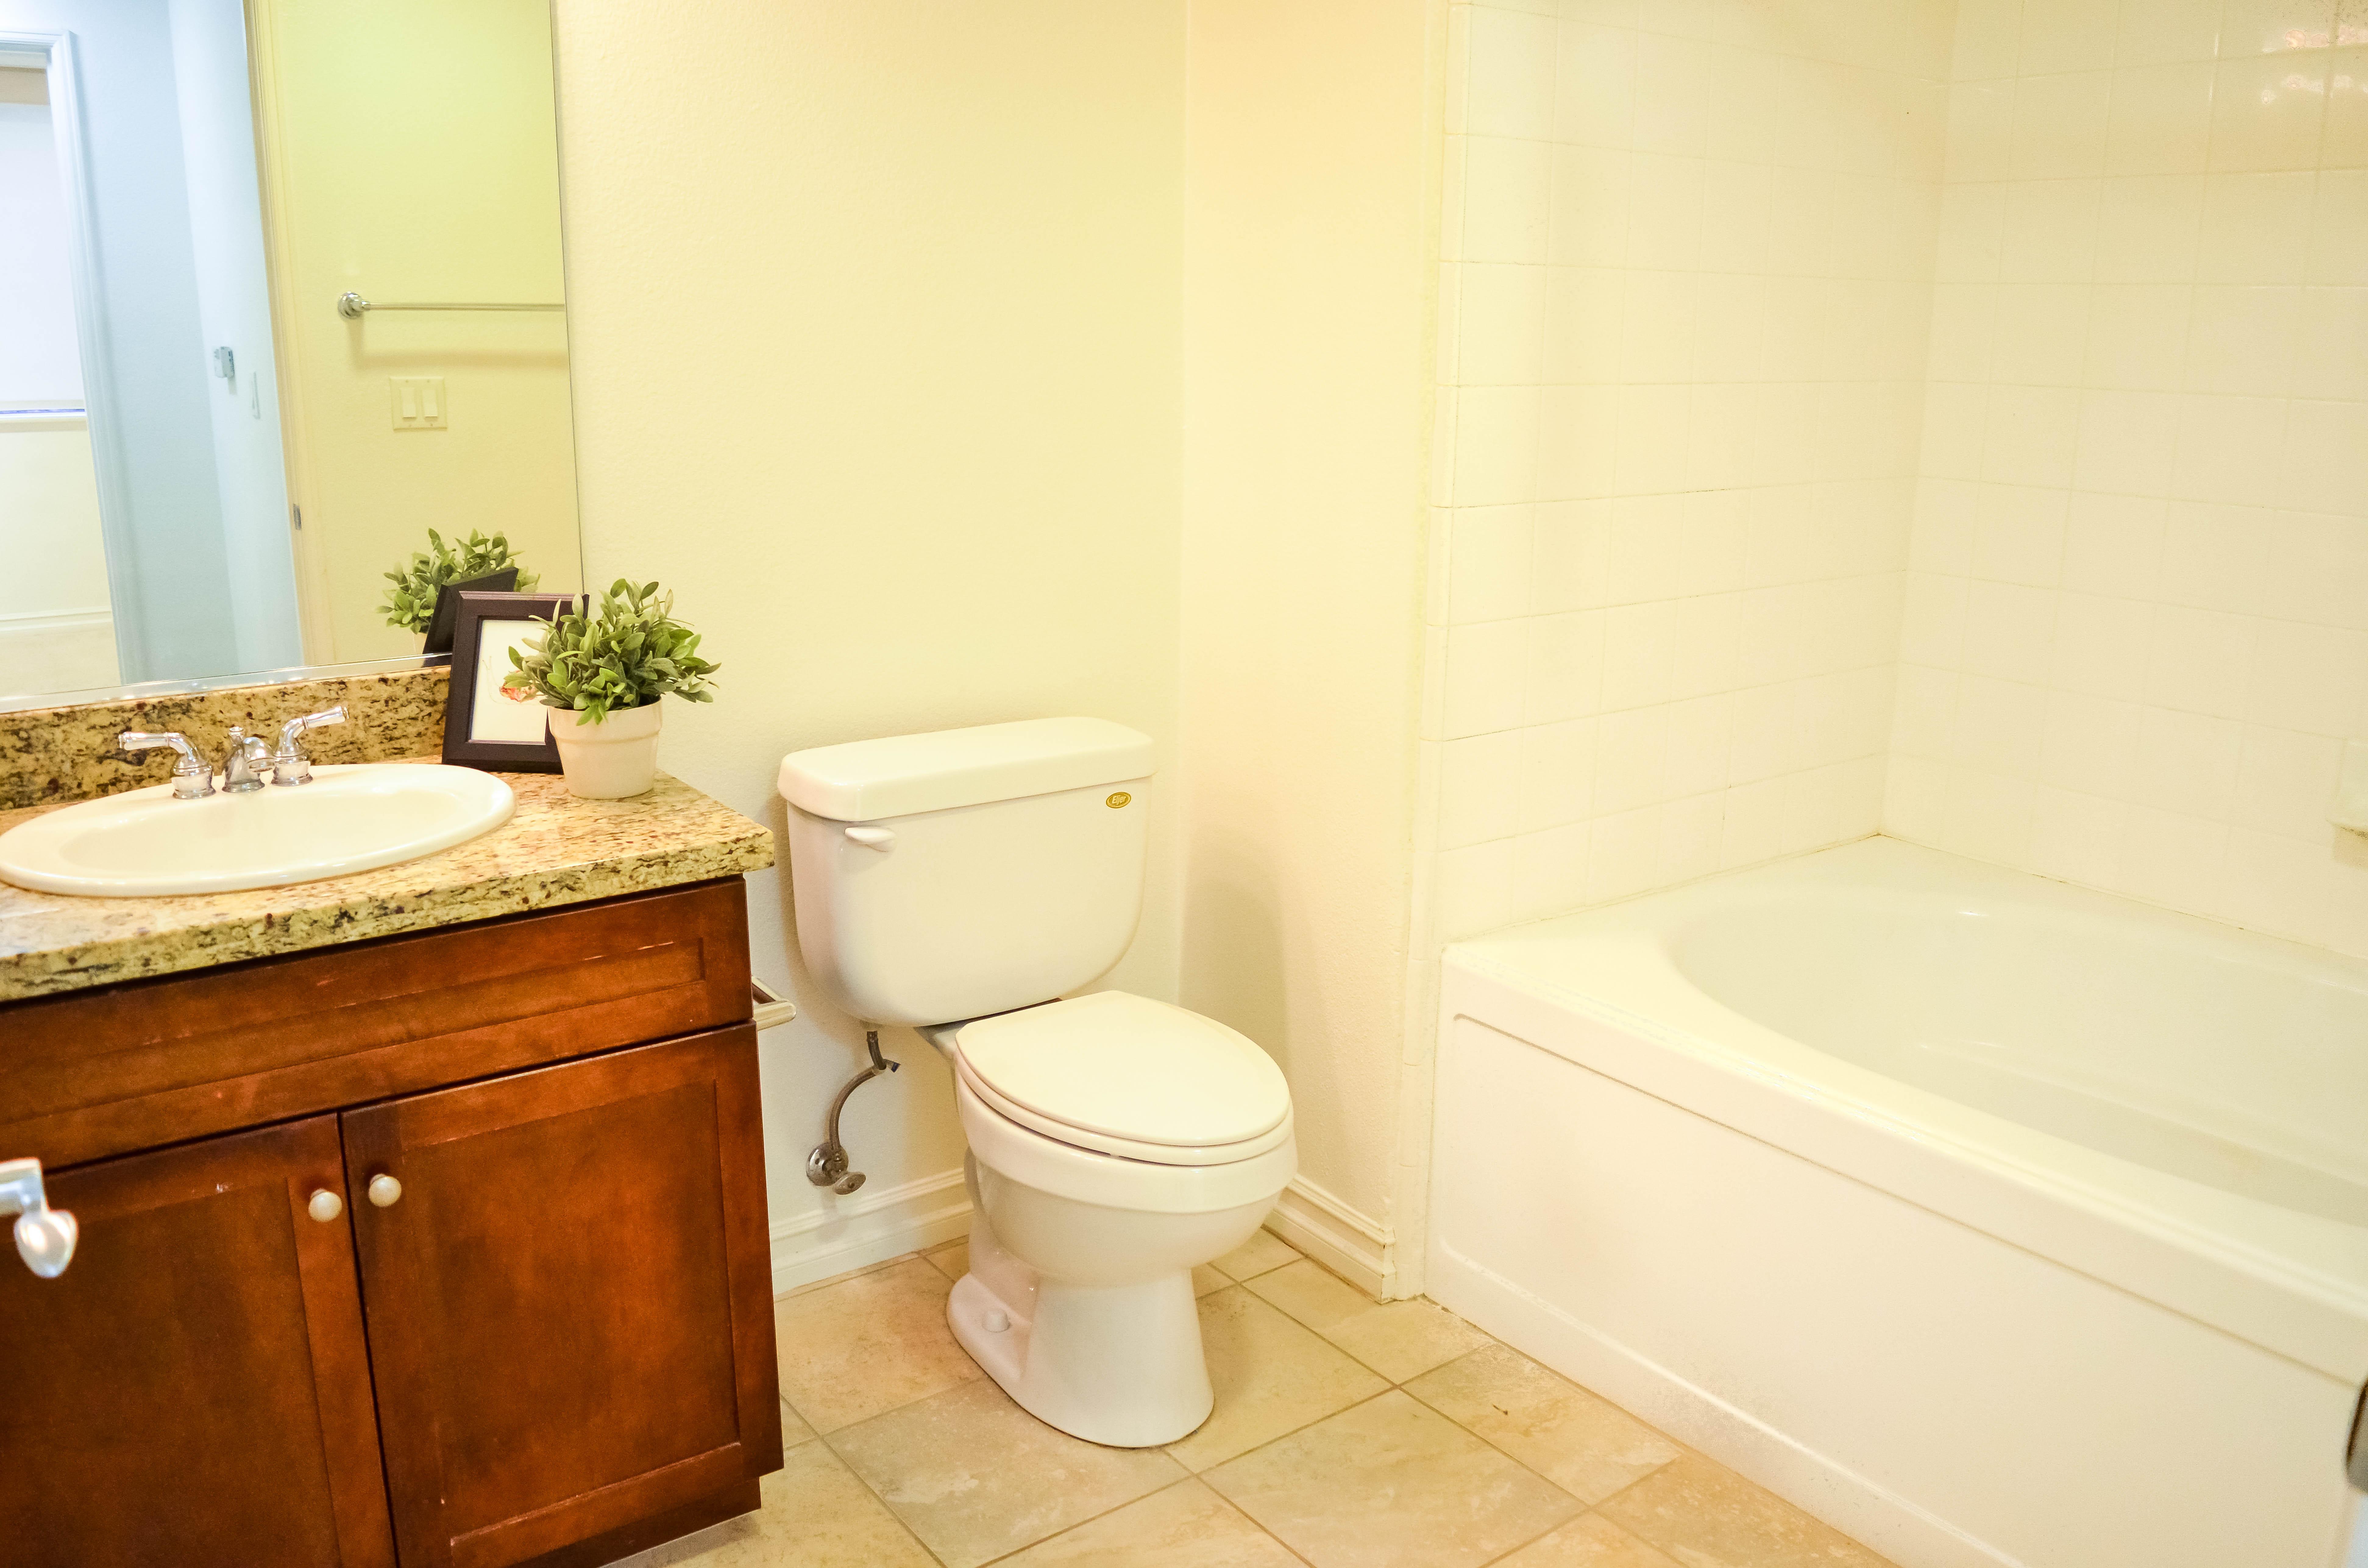 MURA downstair bathroom u